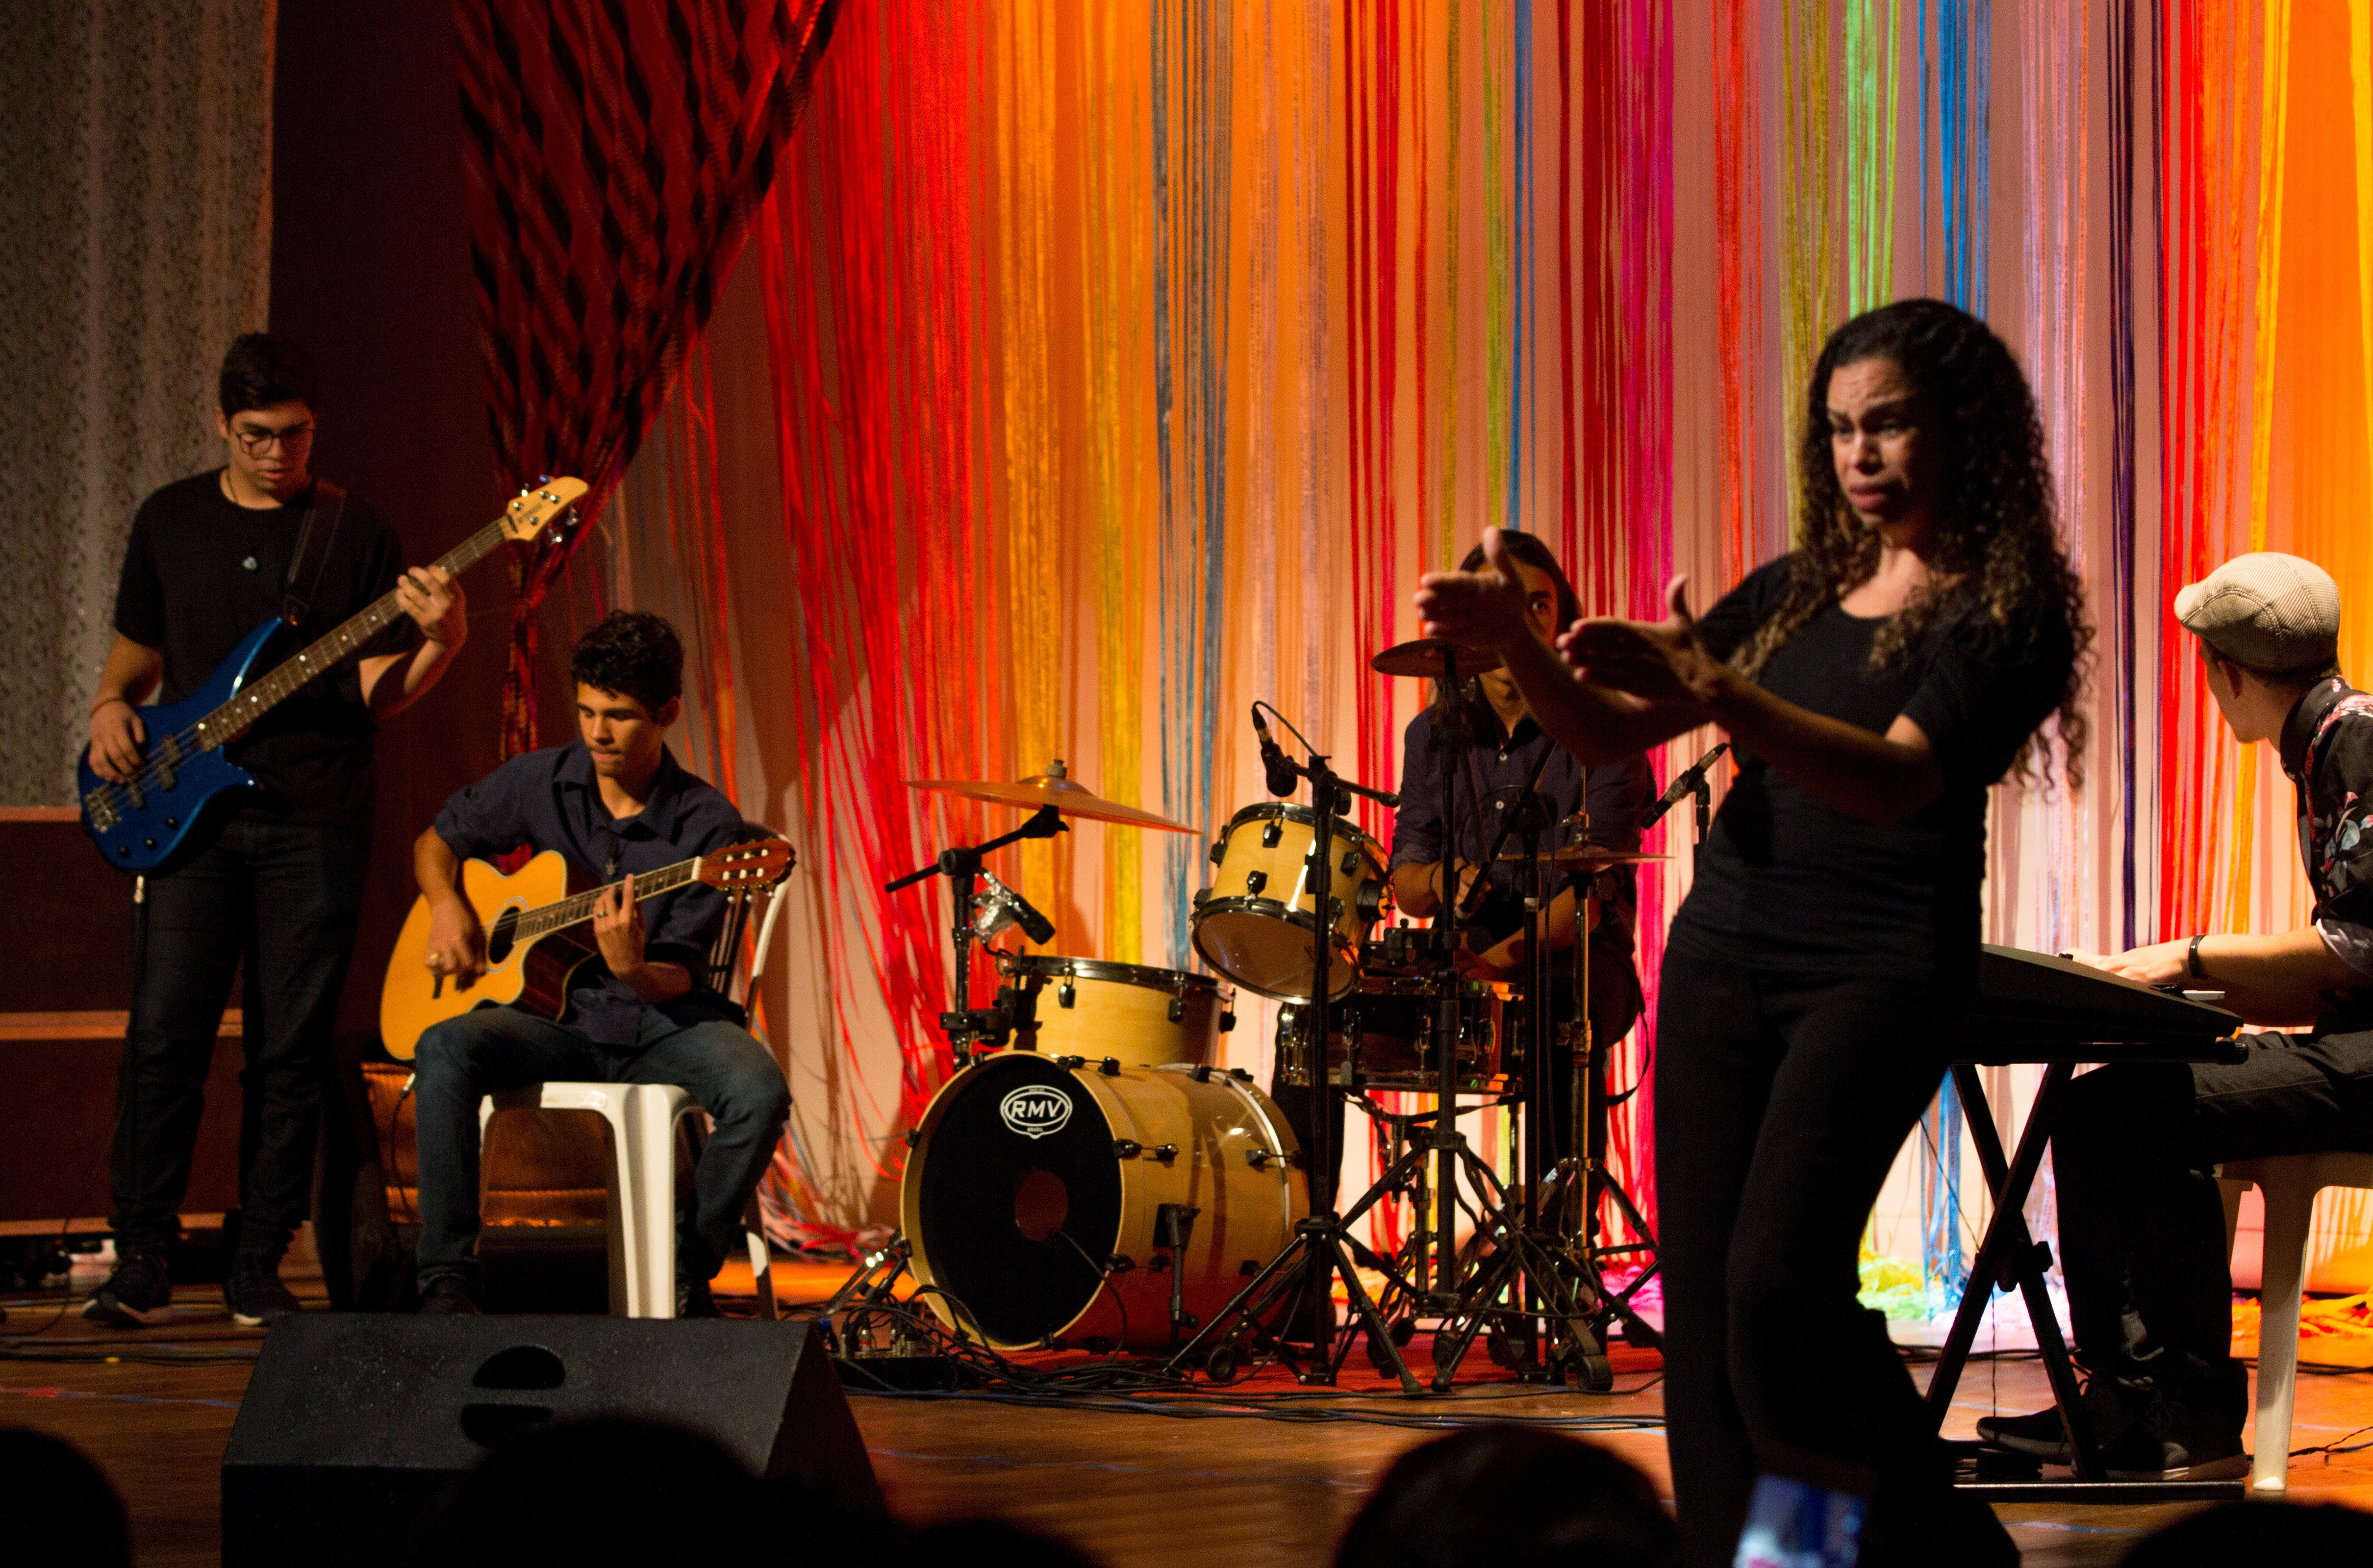 Interpretação em Libras promove inclusão no 1° Famif e brilha junto aos artistas